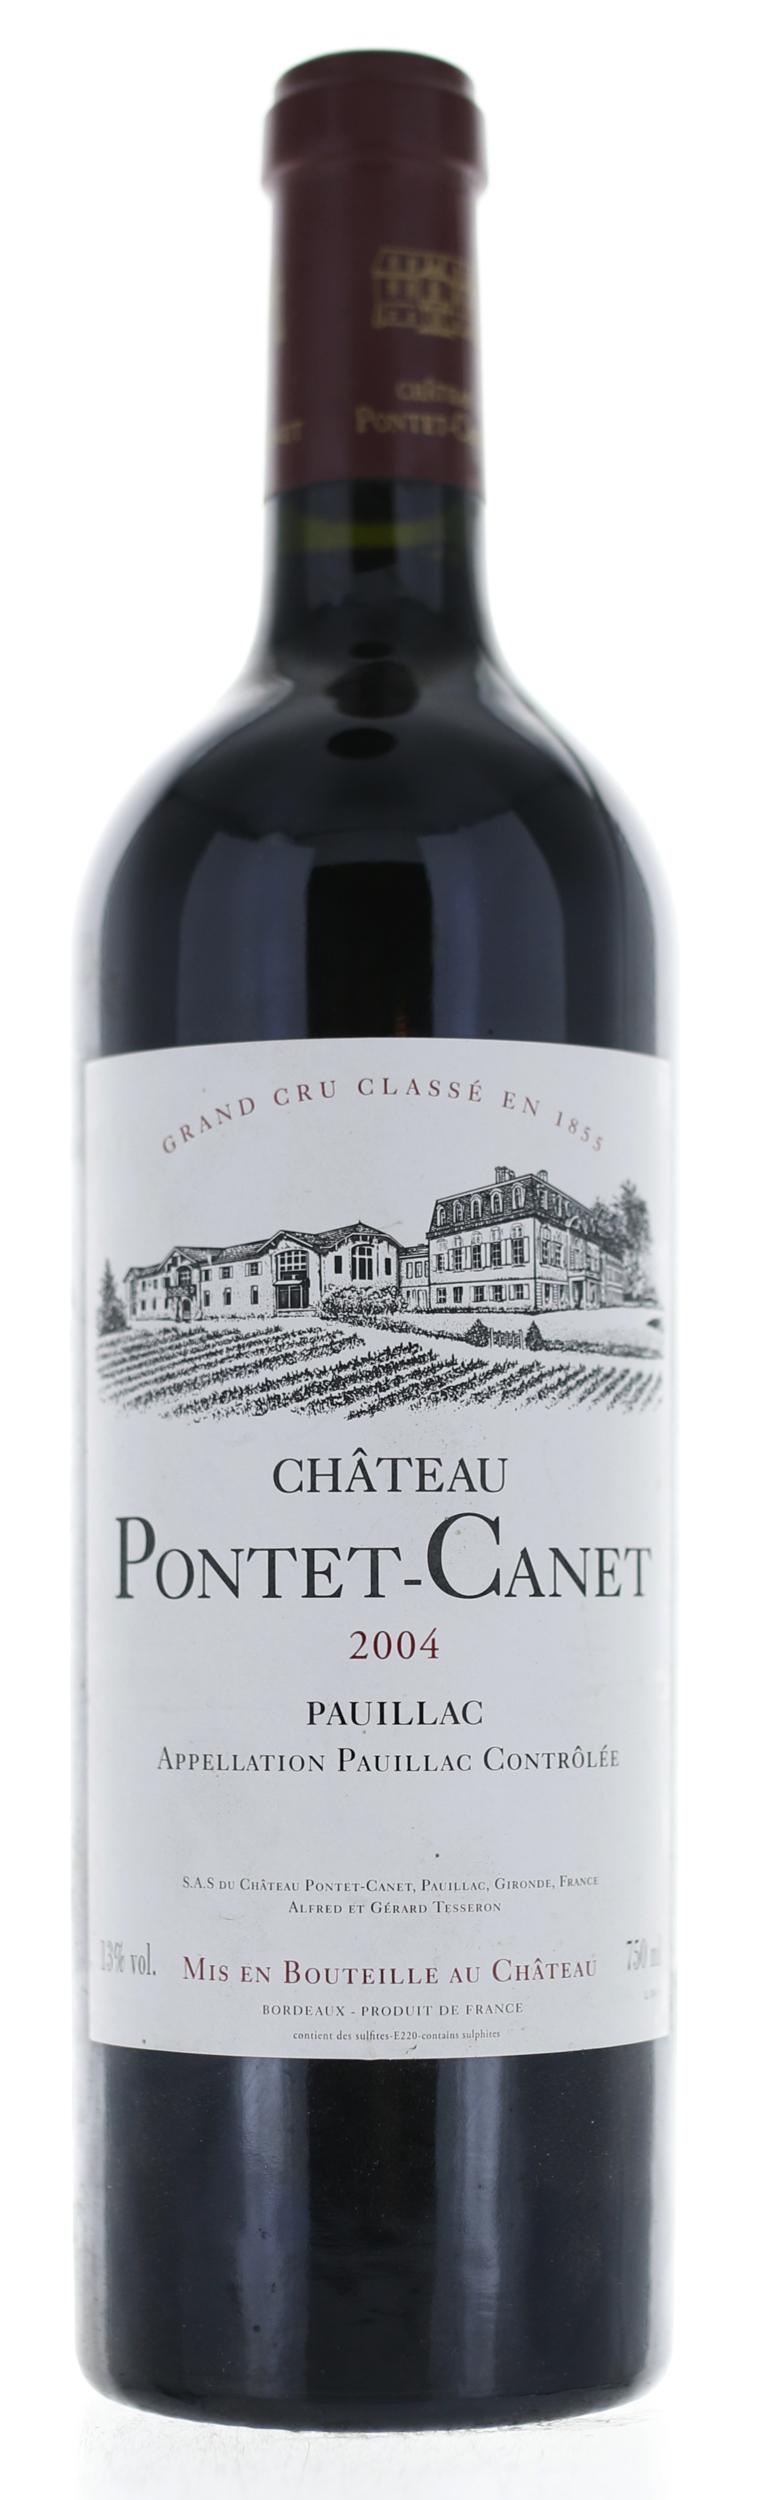 Pauillac - Château Pontet Canet - 2004